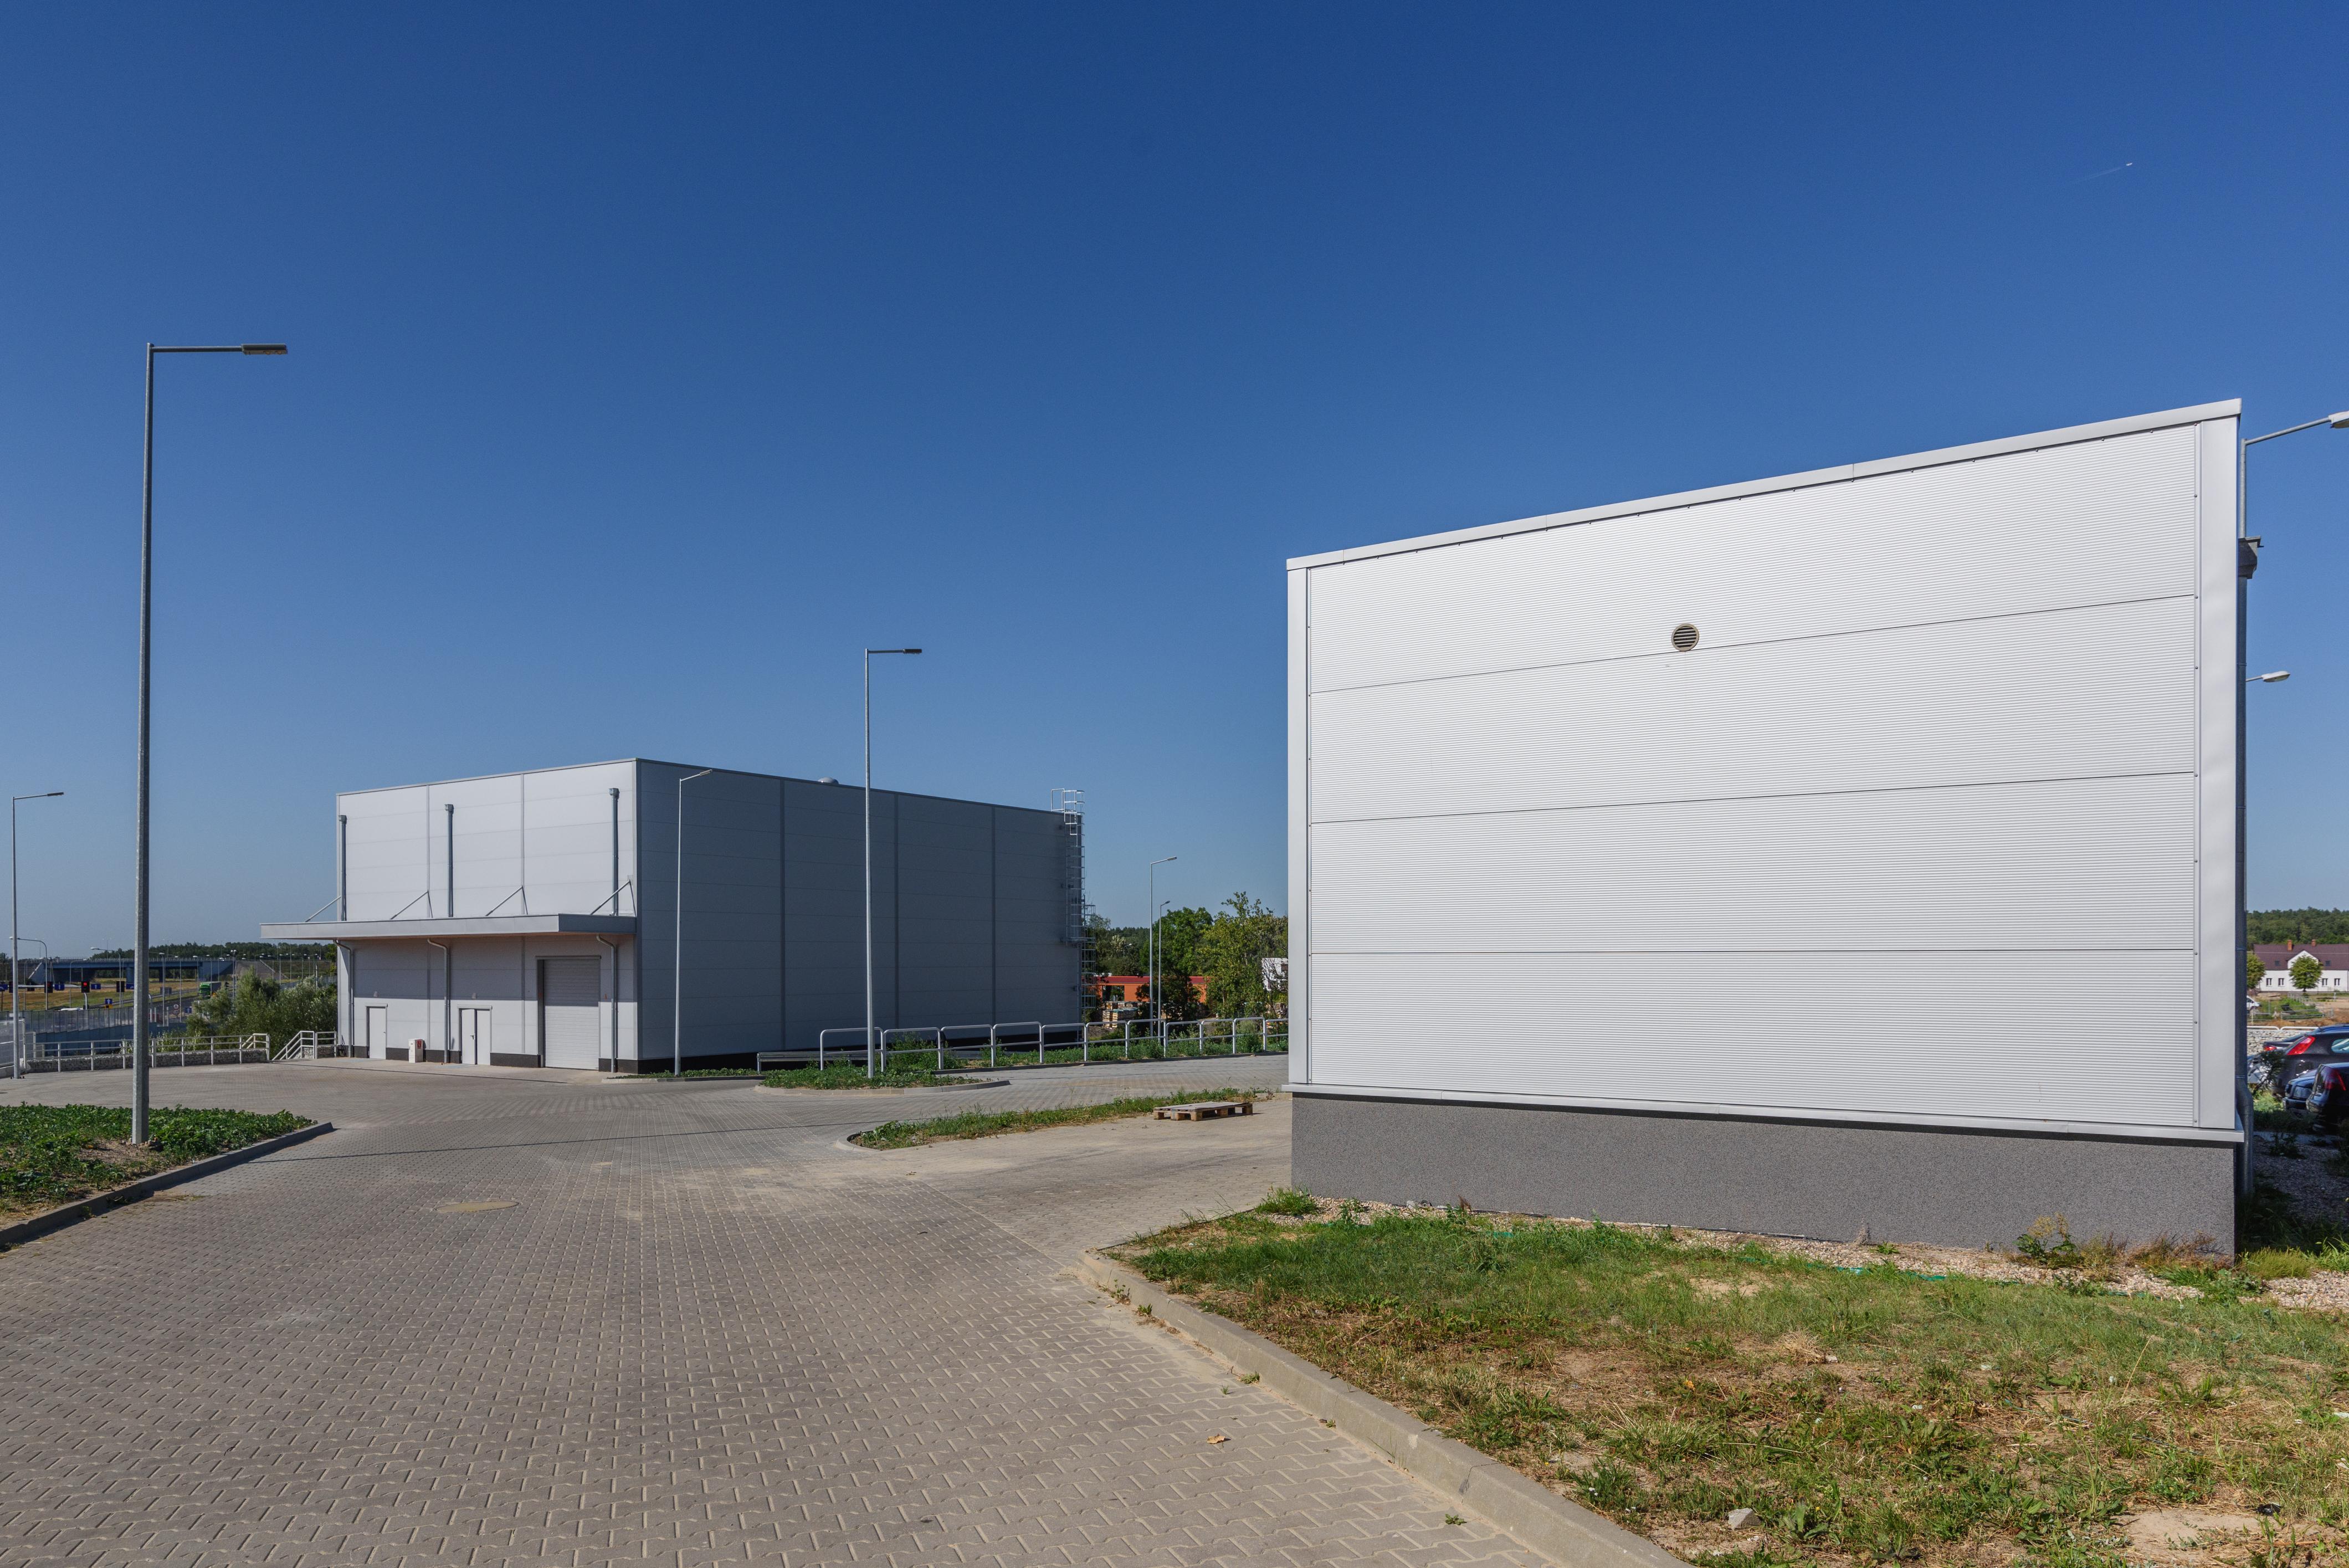 Budynek produkcyjny narzędzi elektrochirurgicznych dla branży medycznej oraz czujników elektronicznych dla przemysłu motoryzacyjnego wraz z częścią magazynową oraz administracyjną BOWA